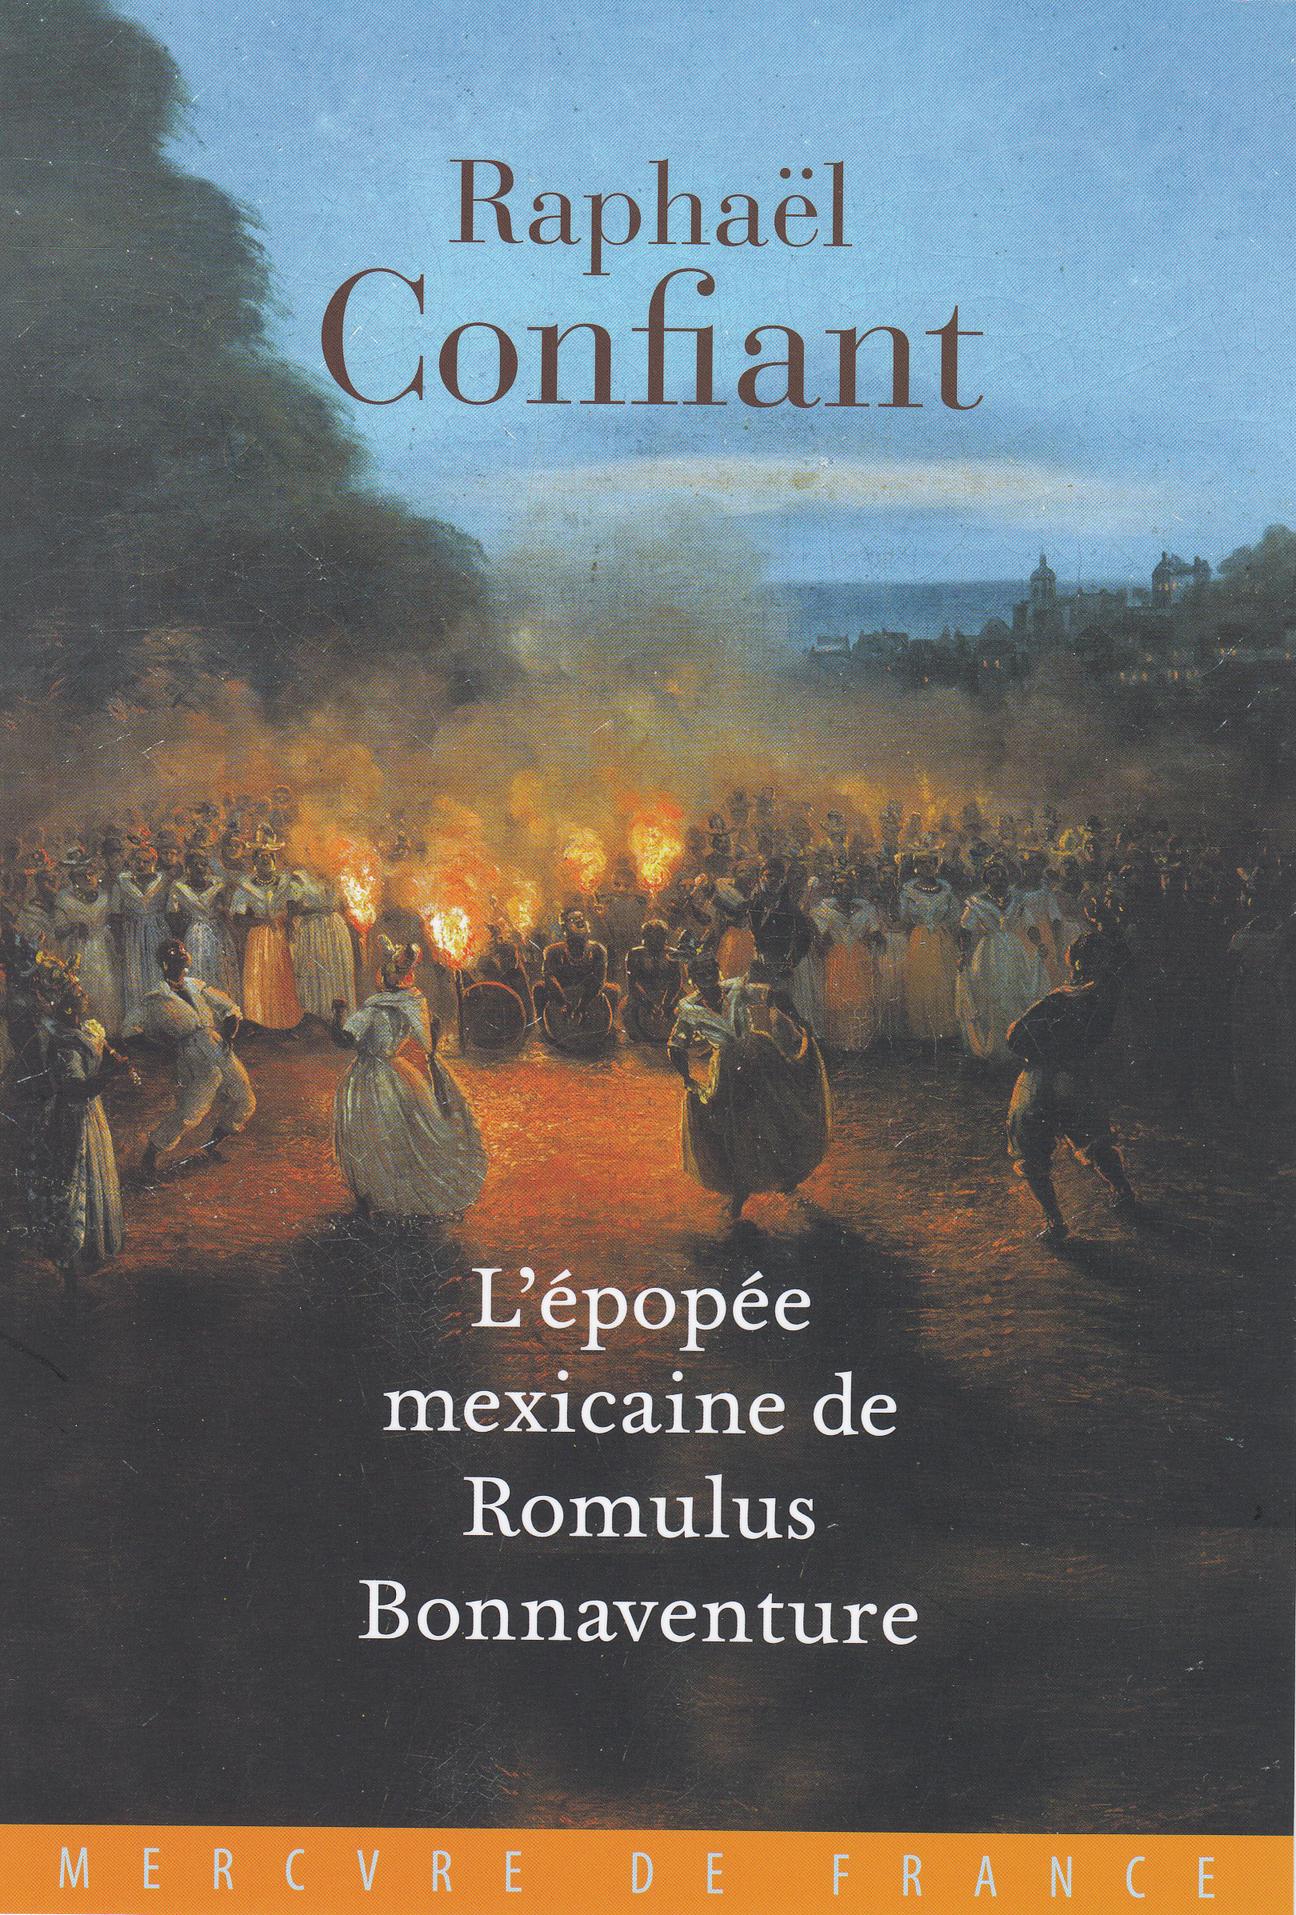 L'EPOPEE MEXICAINE DE ROMULUS BONNAVENTURE